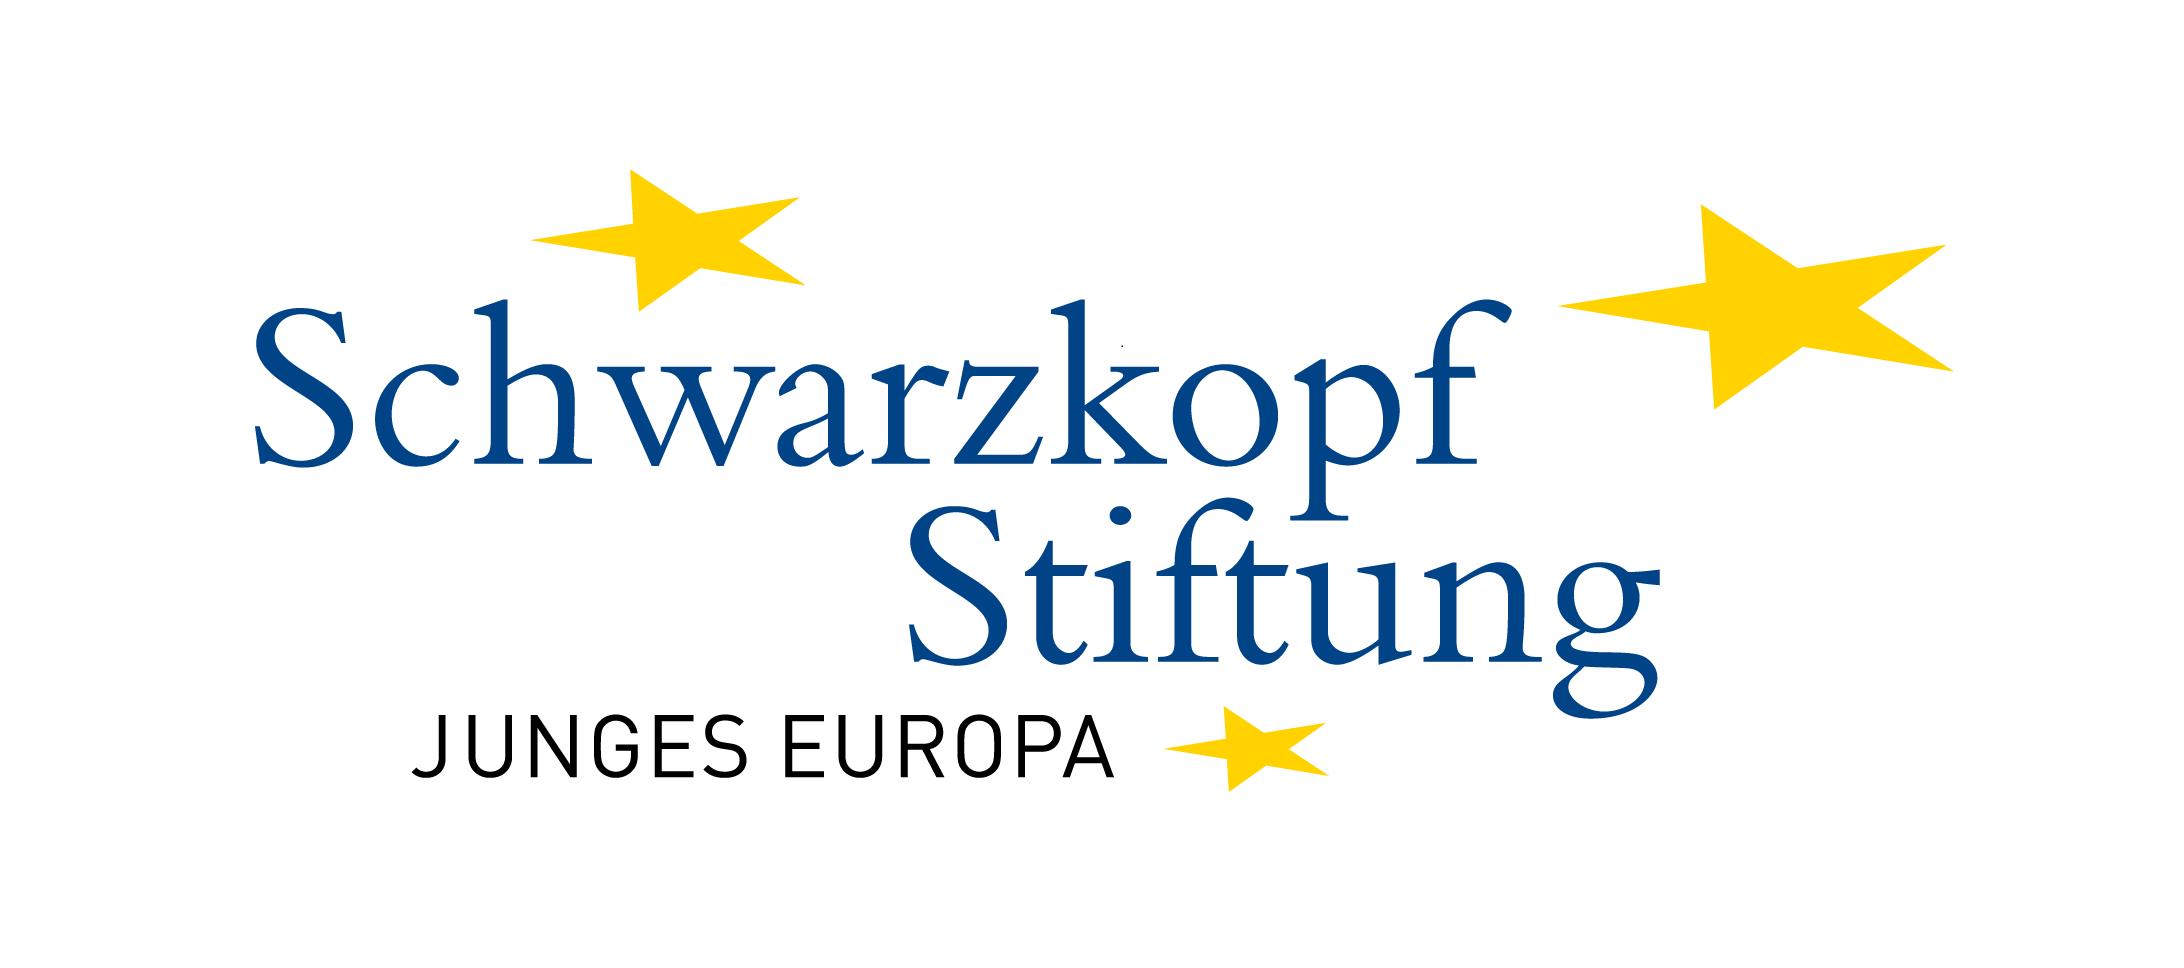 Schwarzkopf-Stiftung Junges Europa